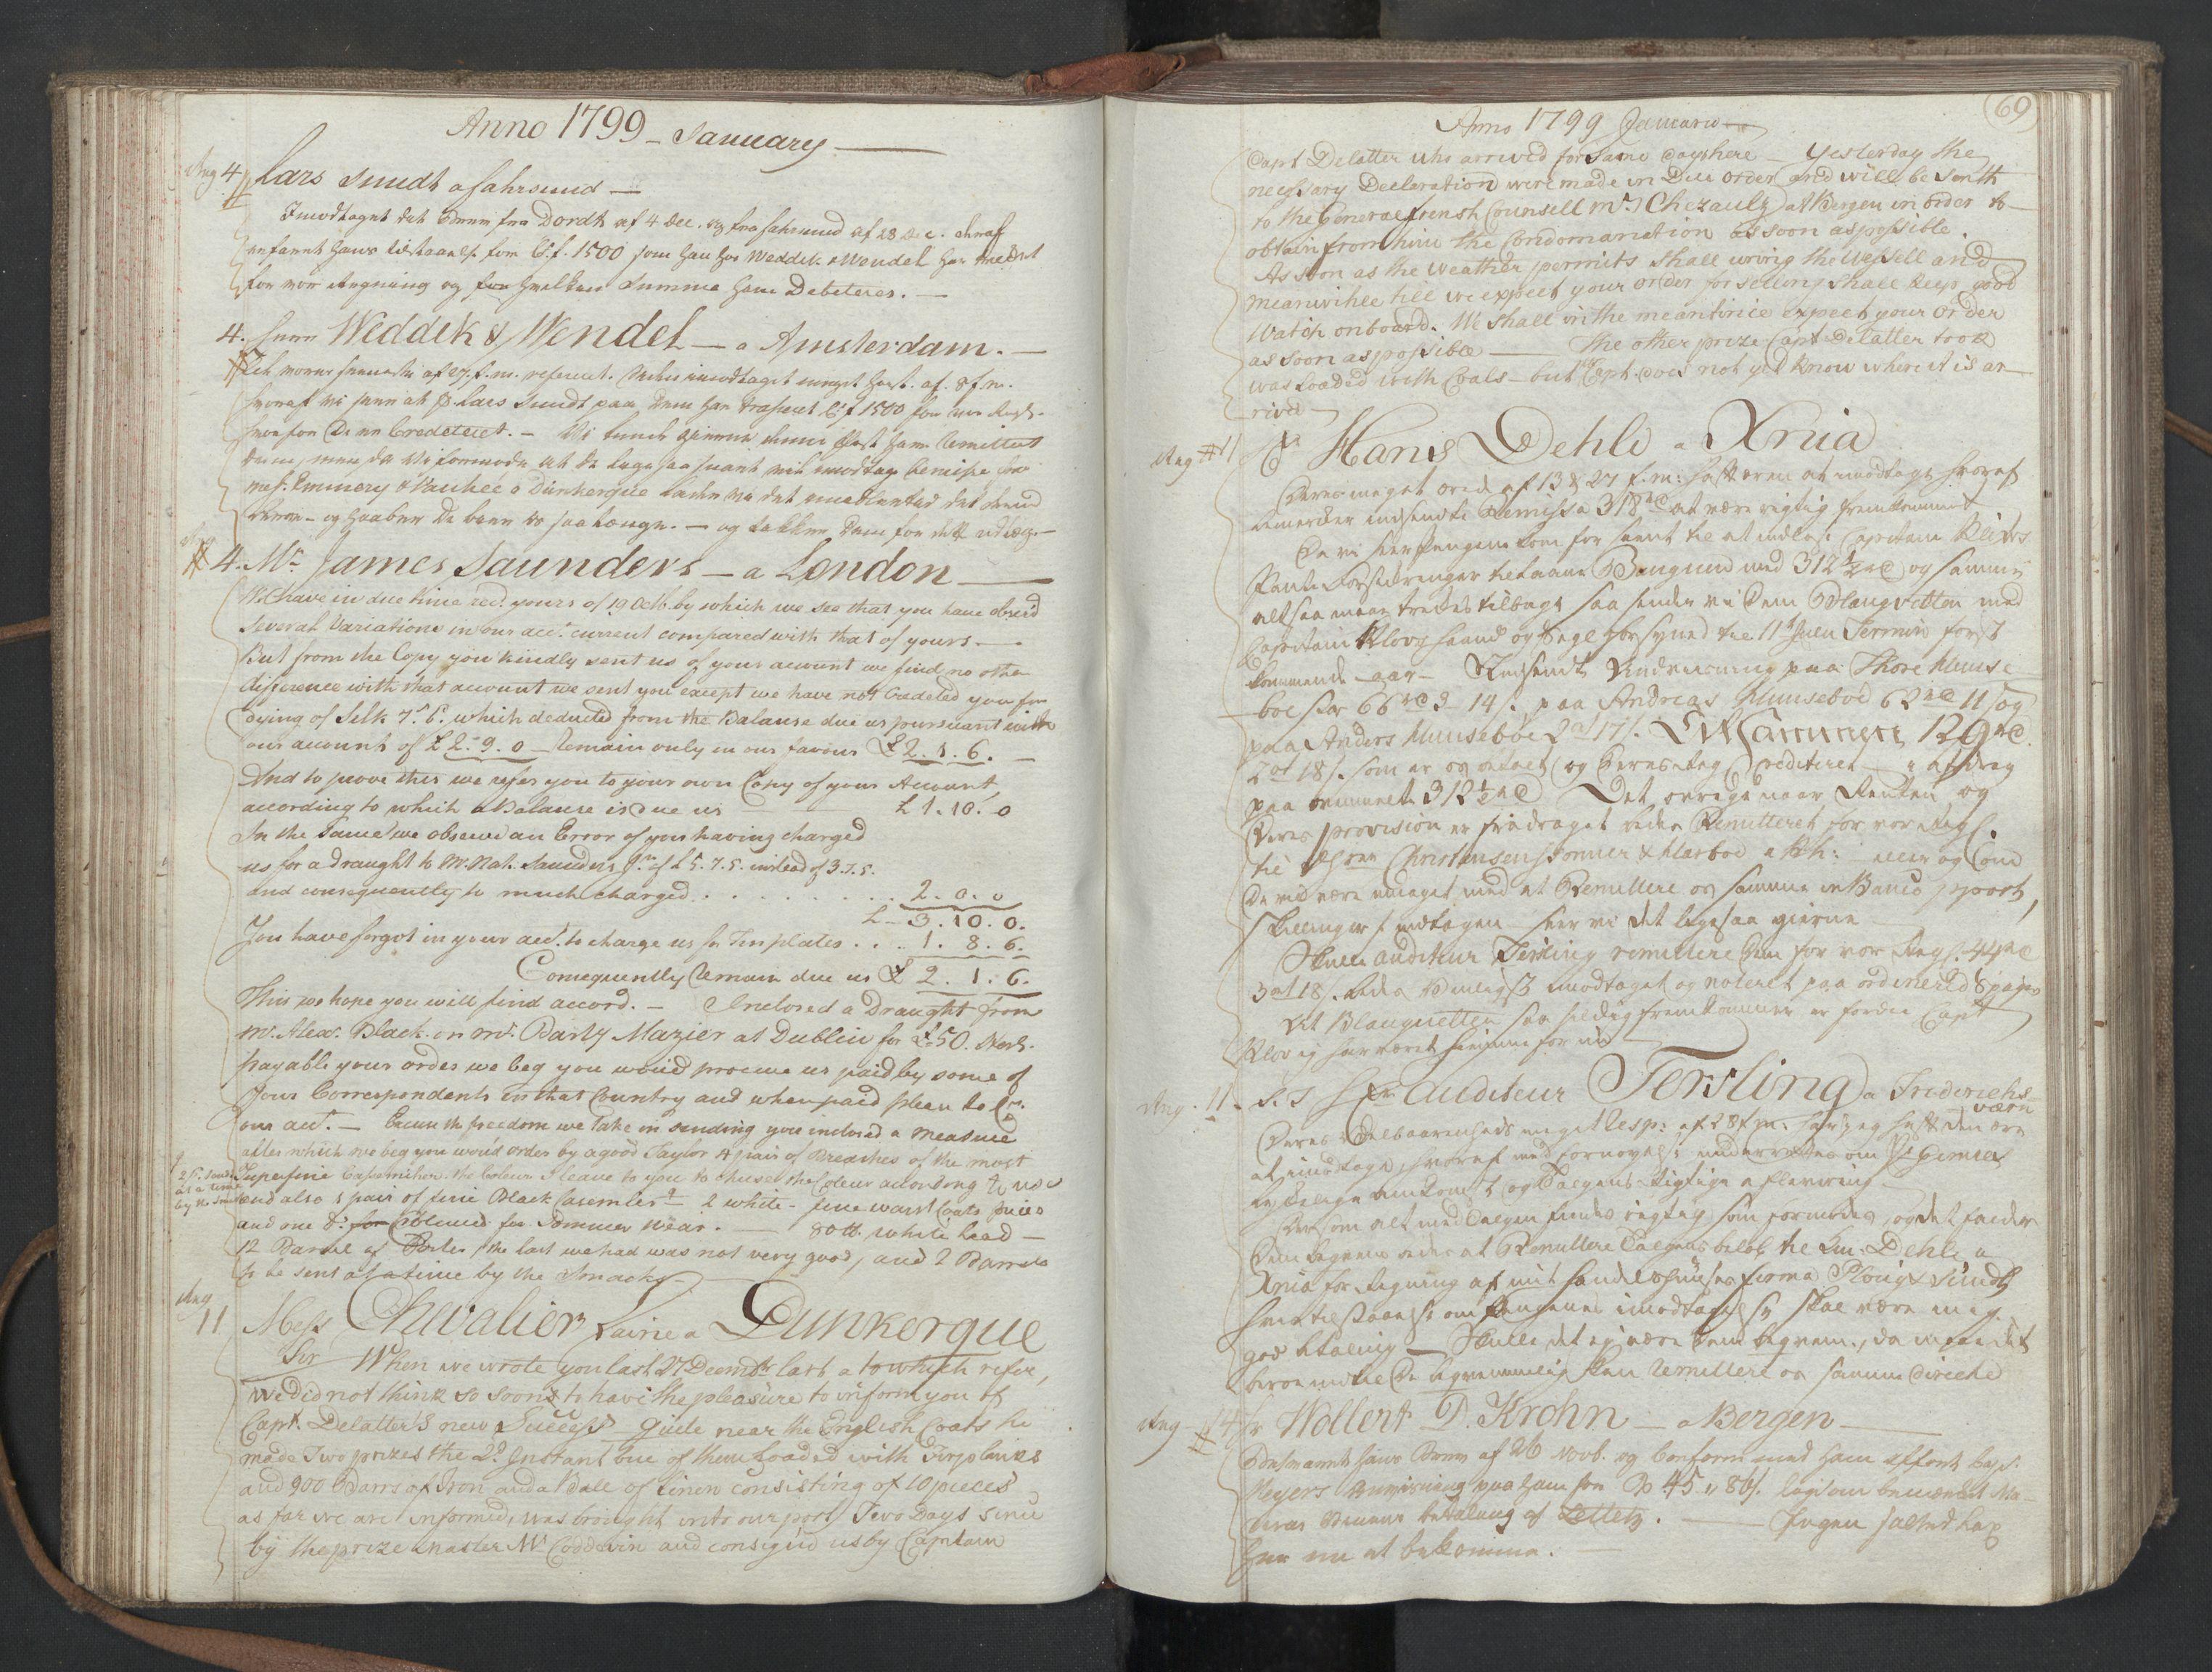 SAST, Pa 0003 - Ploug & Sundt, handelshuset, B/L0008: Kopibok, 1797-1804, s. 68b-69a